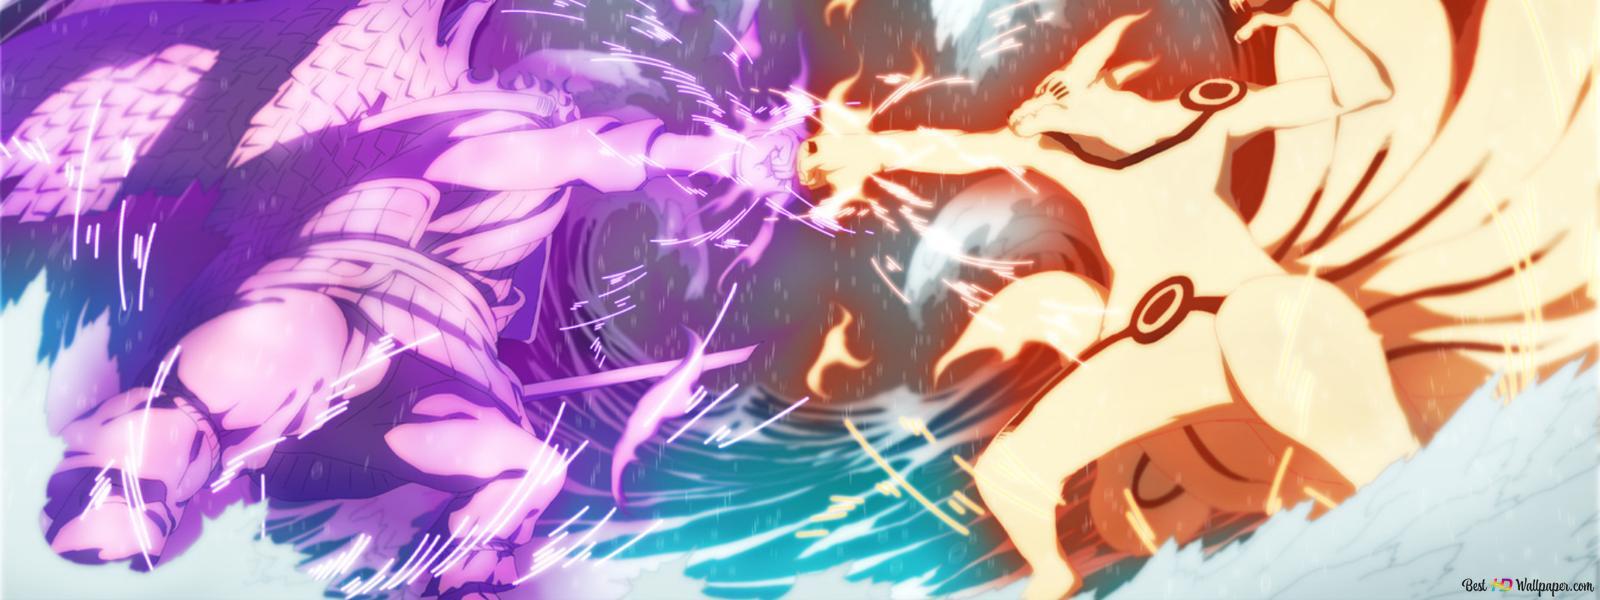 Naruto Shippuden Susanoo Kurama Sasuke Uchiha Naruto Uzumaki Hd